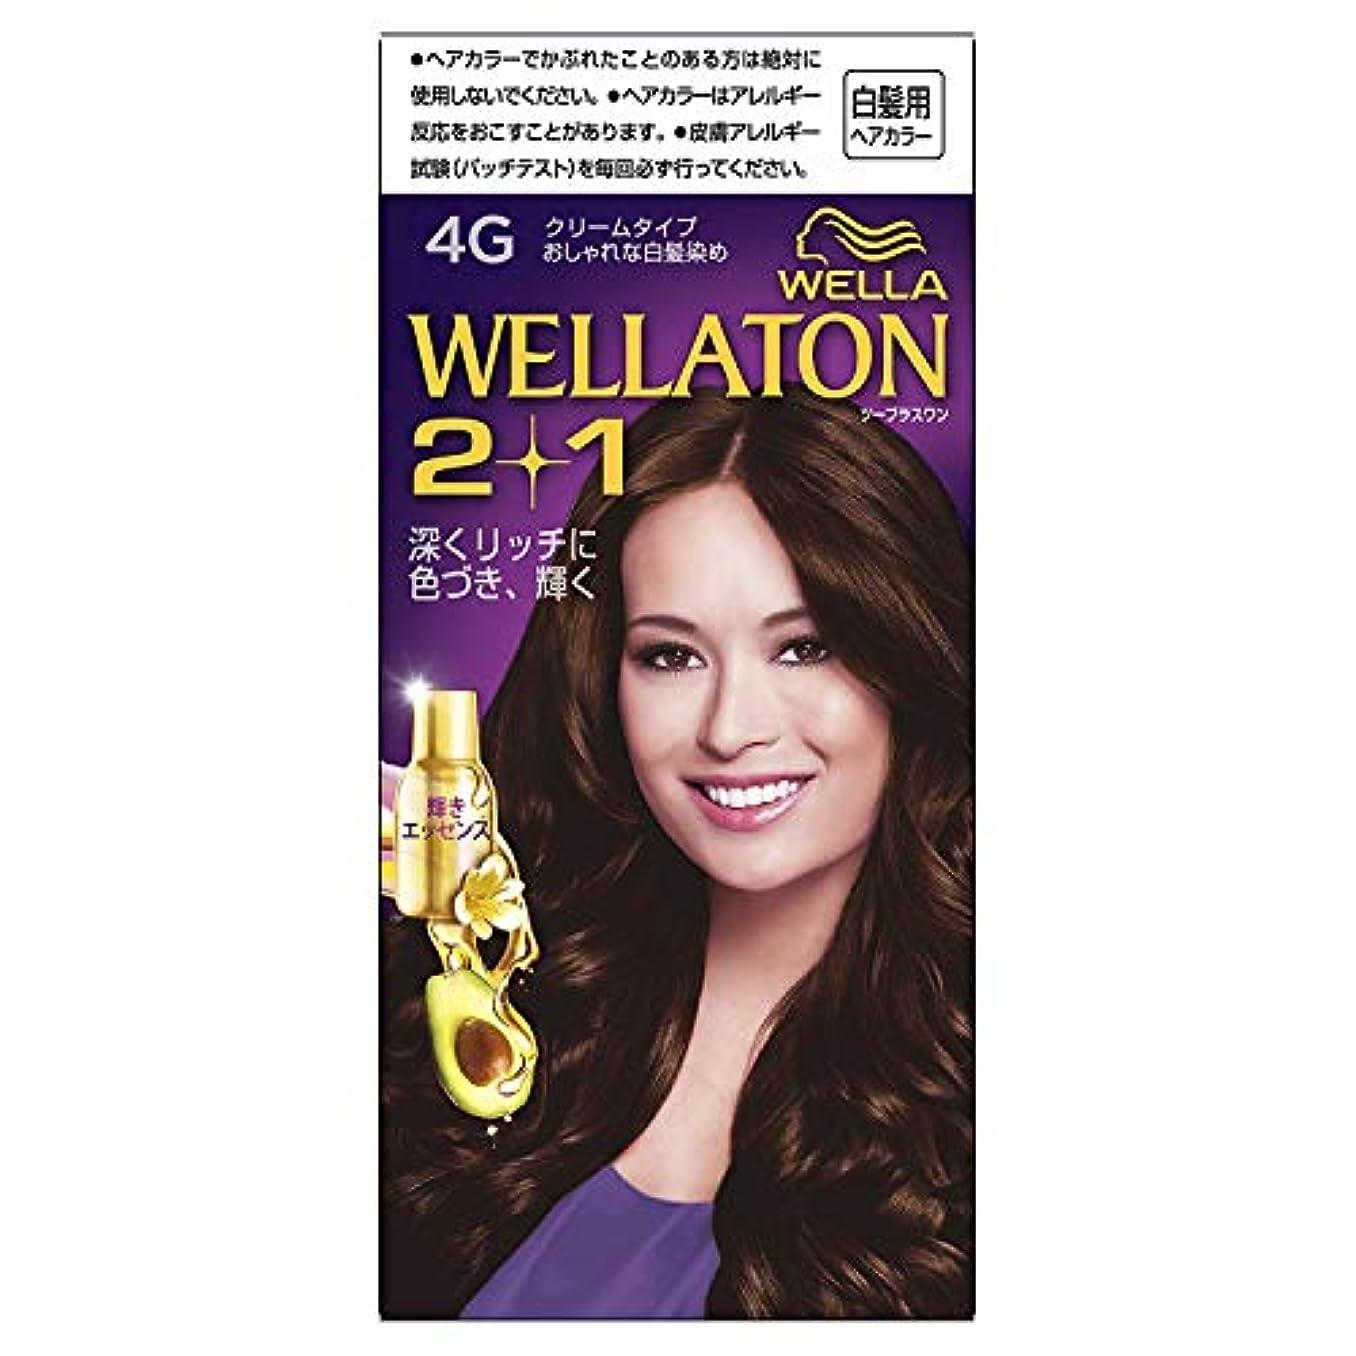 宿題娯楽契約したウエラトーン2+1 白髪染め クリームタイプ 4G×6個